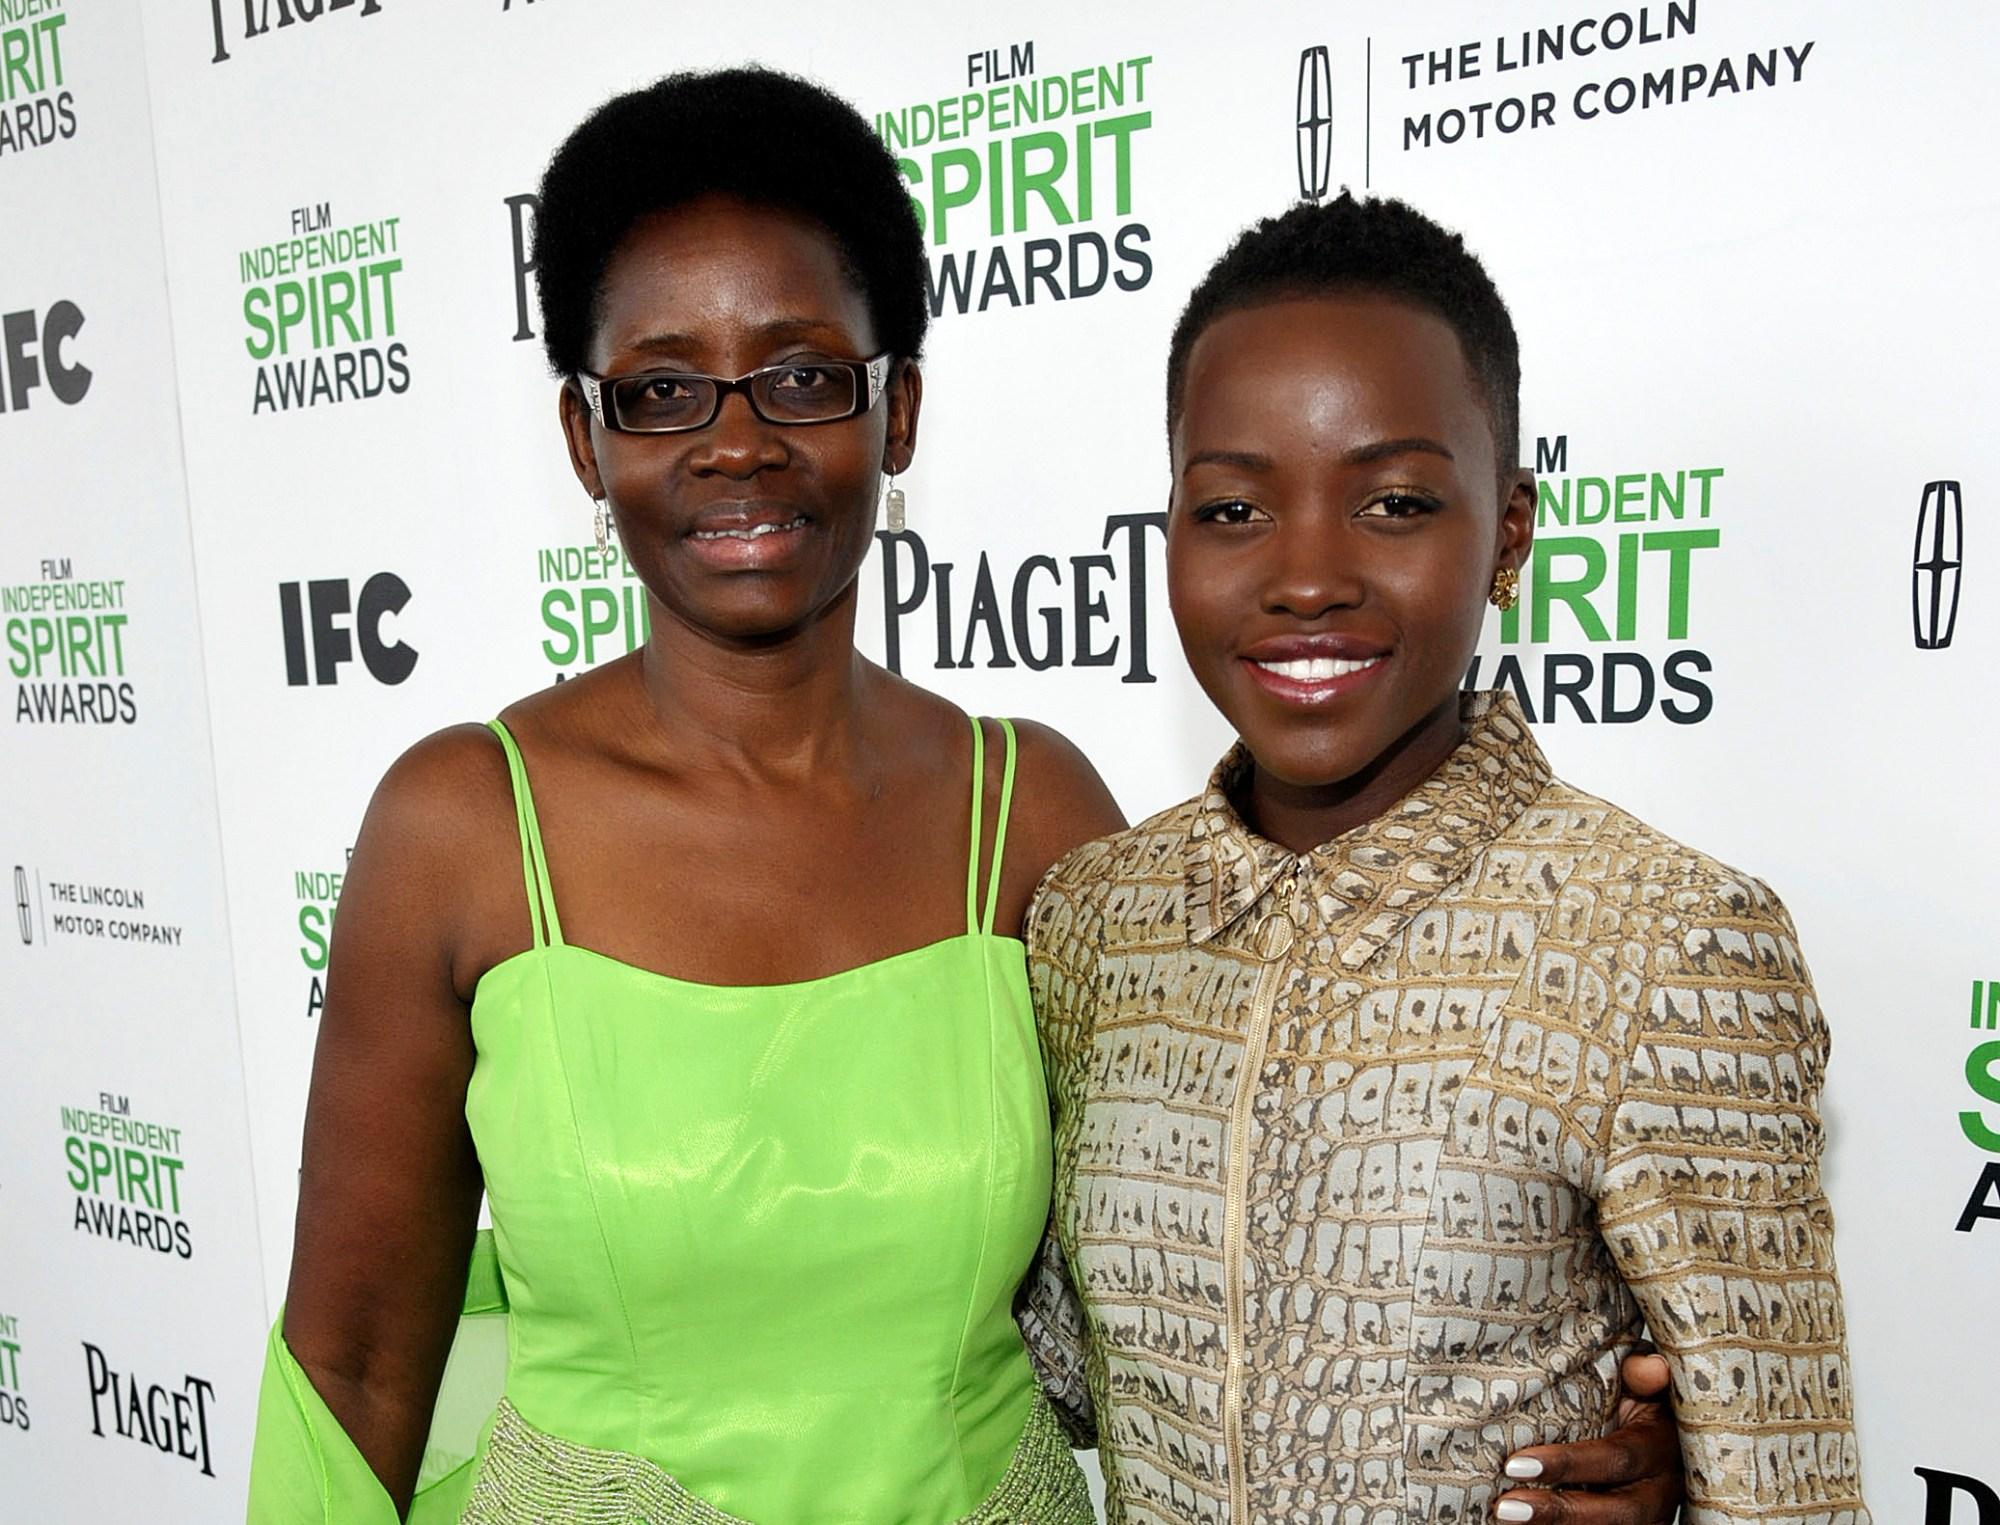 Dorothy Nyong'o, Lupita Nyong'o